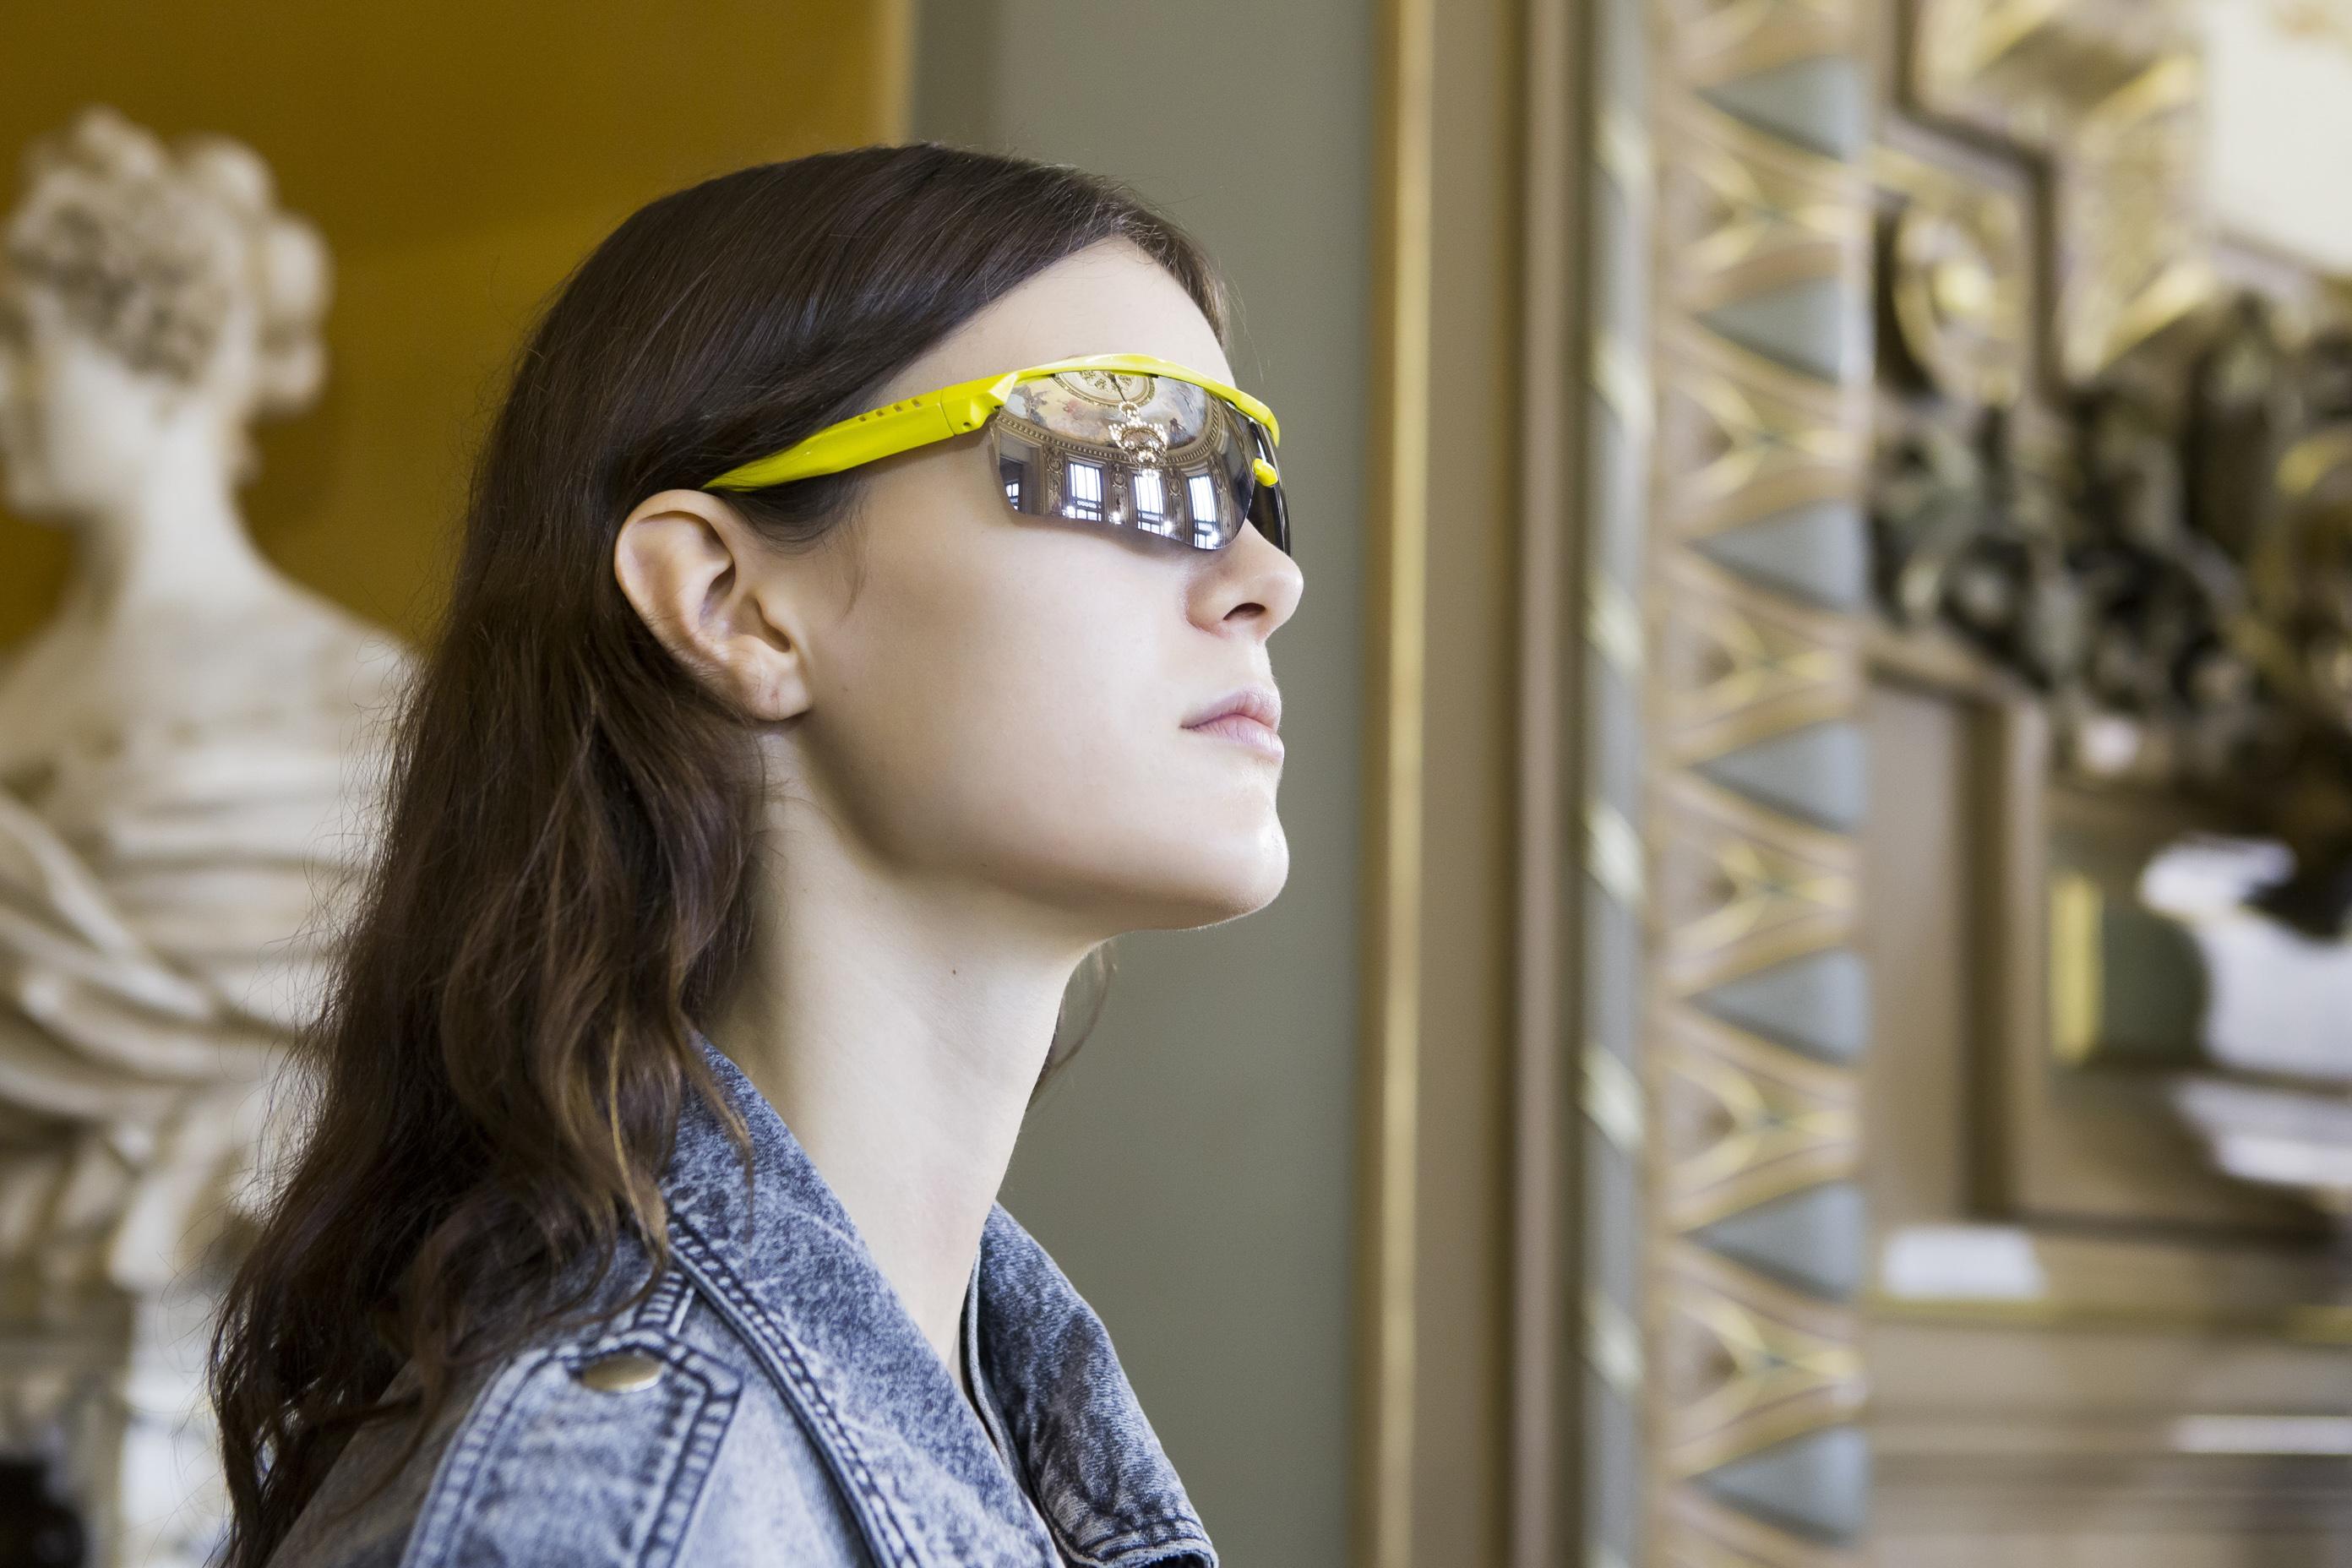 ellewalkin-4-conseils-pour-bien-choisir-ses-lunettes-de-soleil-2